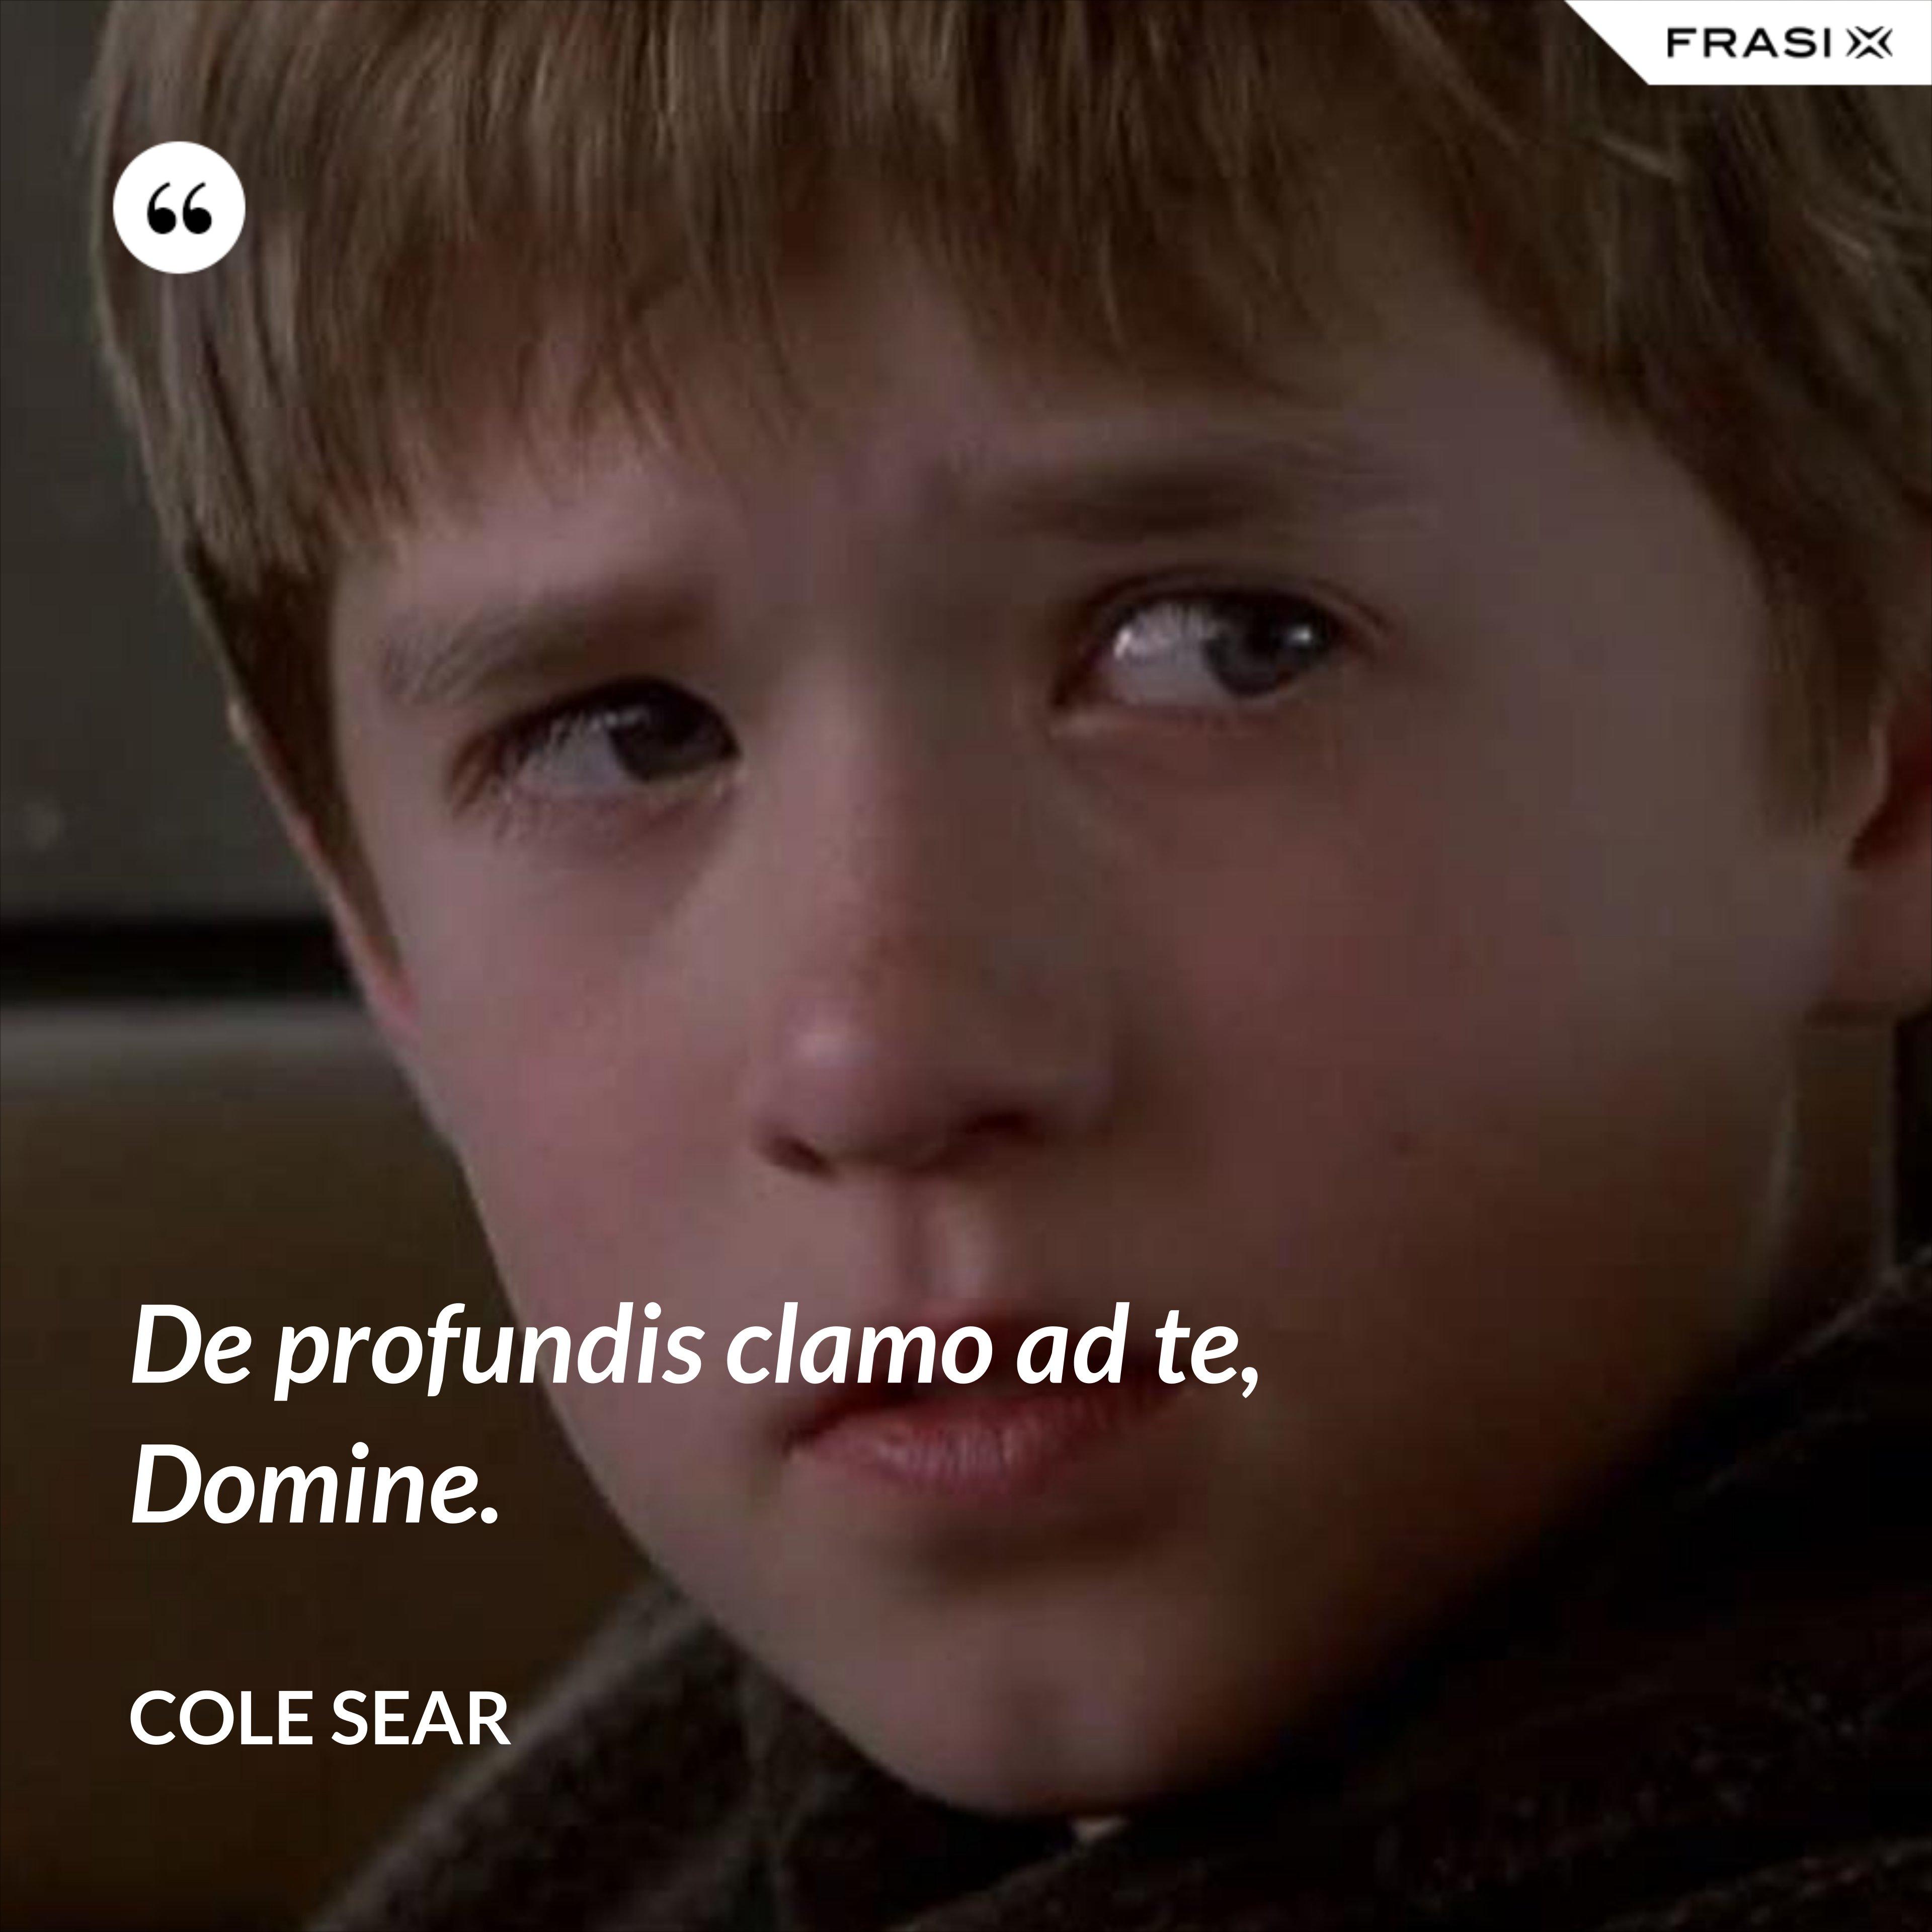 De profundis clamo ad te, Domine. - Cole Sear